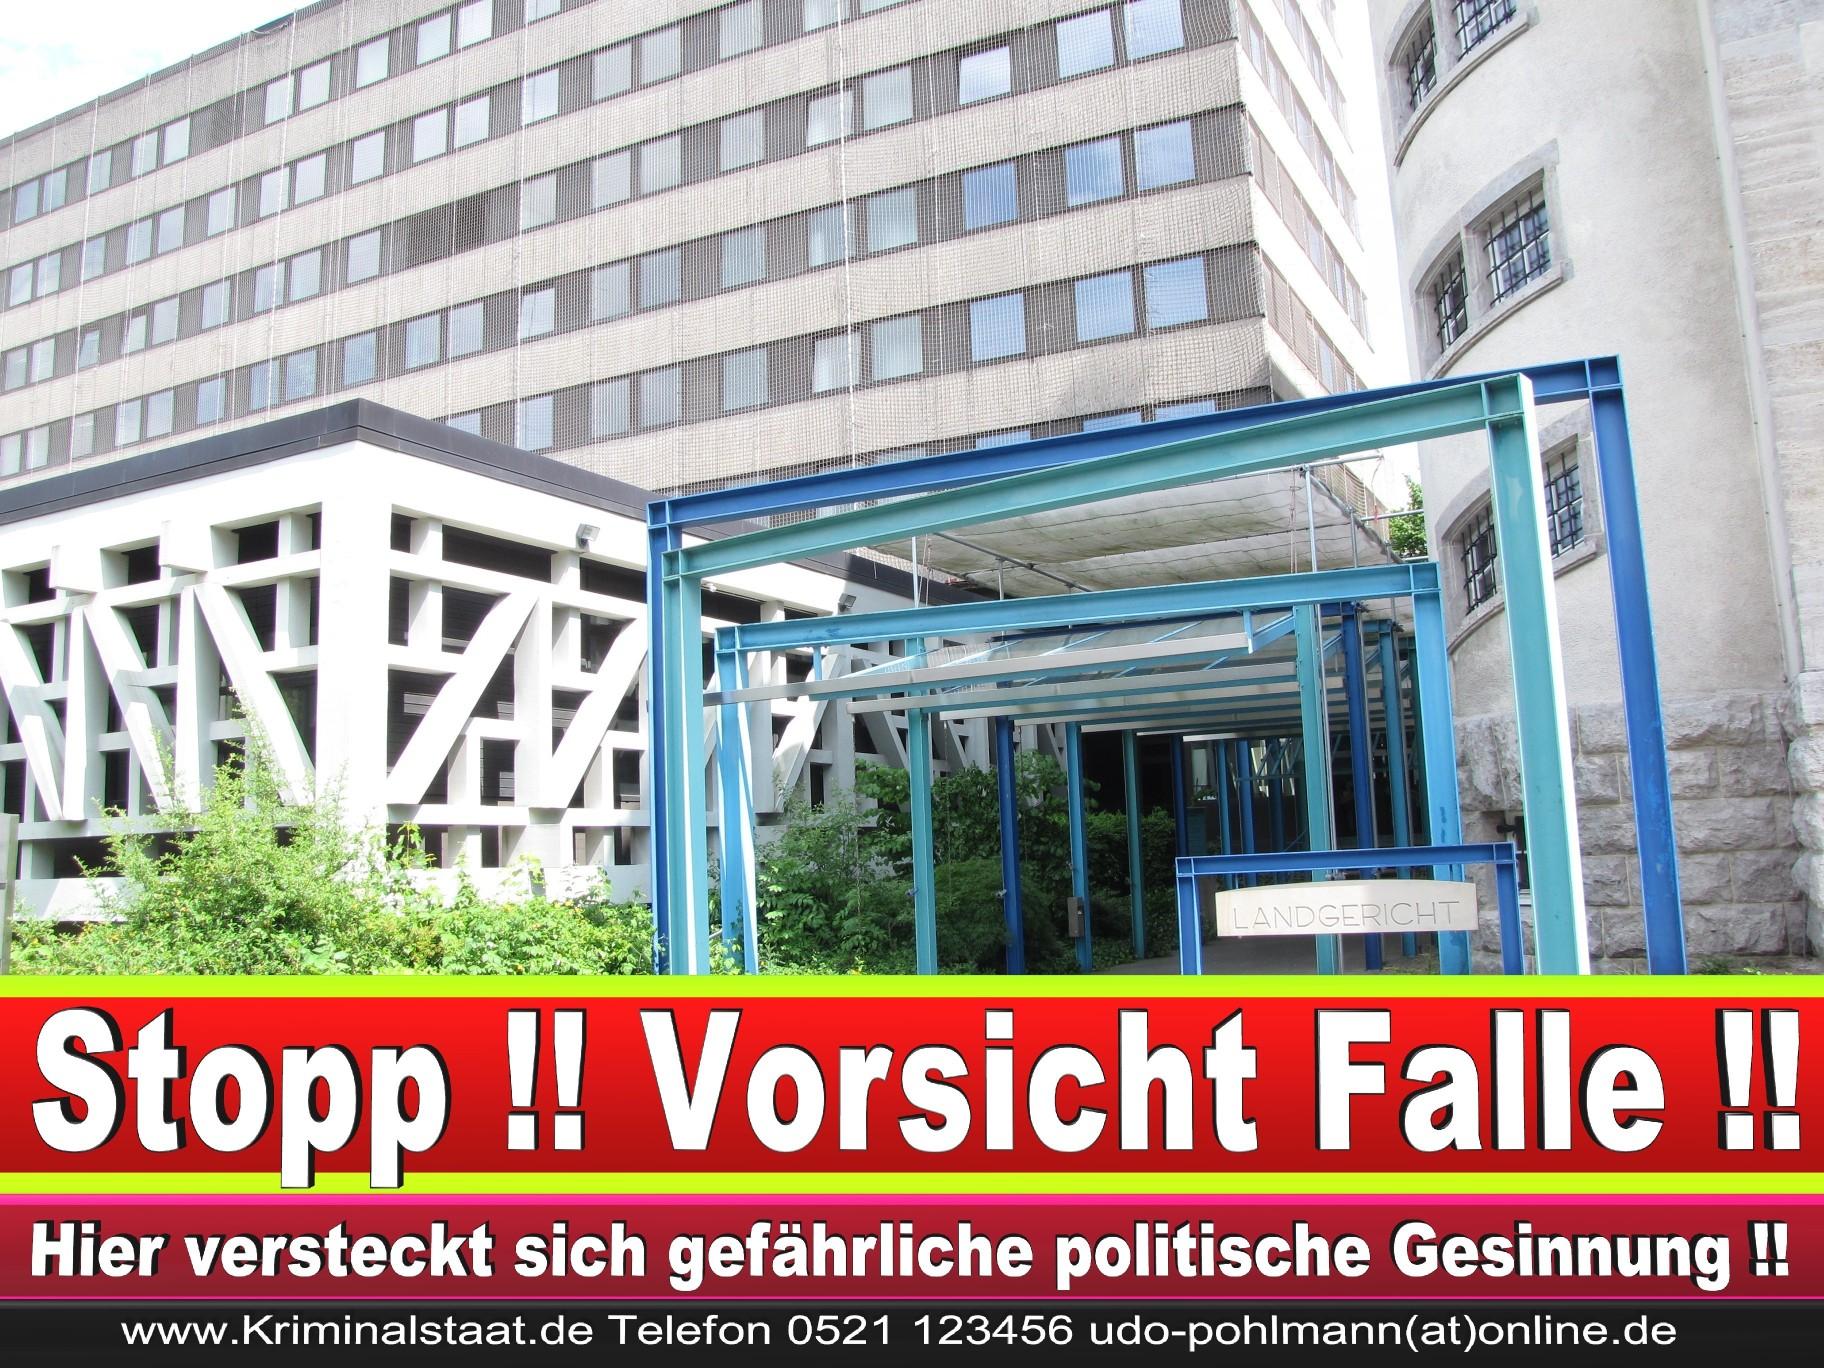 CDU Landgericht Bielefeld Landgerichtspräsident Klaus Petermann Hochstraße Bünde Jens Gnisa Richterbund Richtervereinigung 39